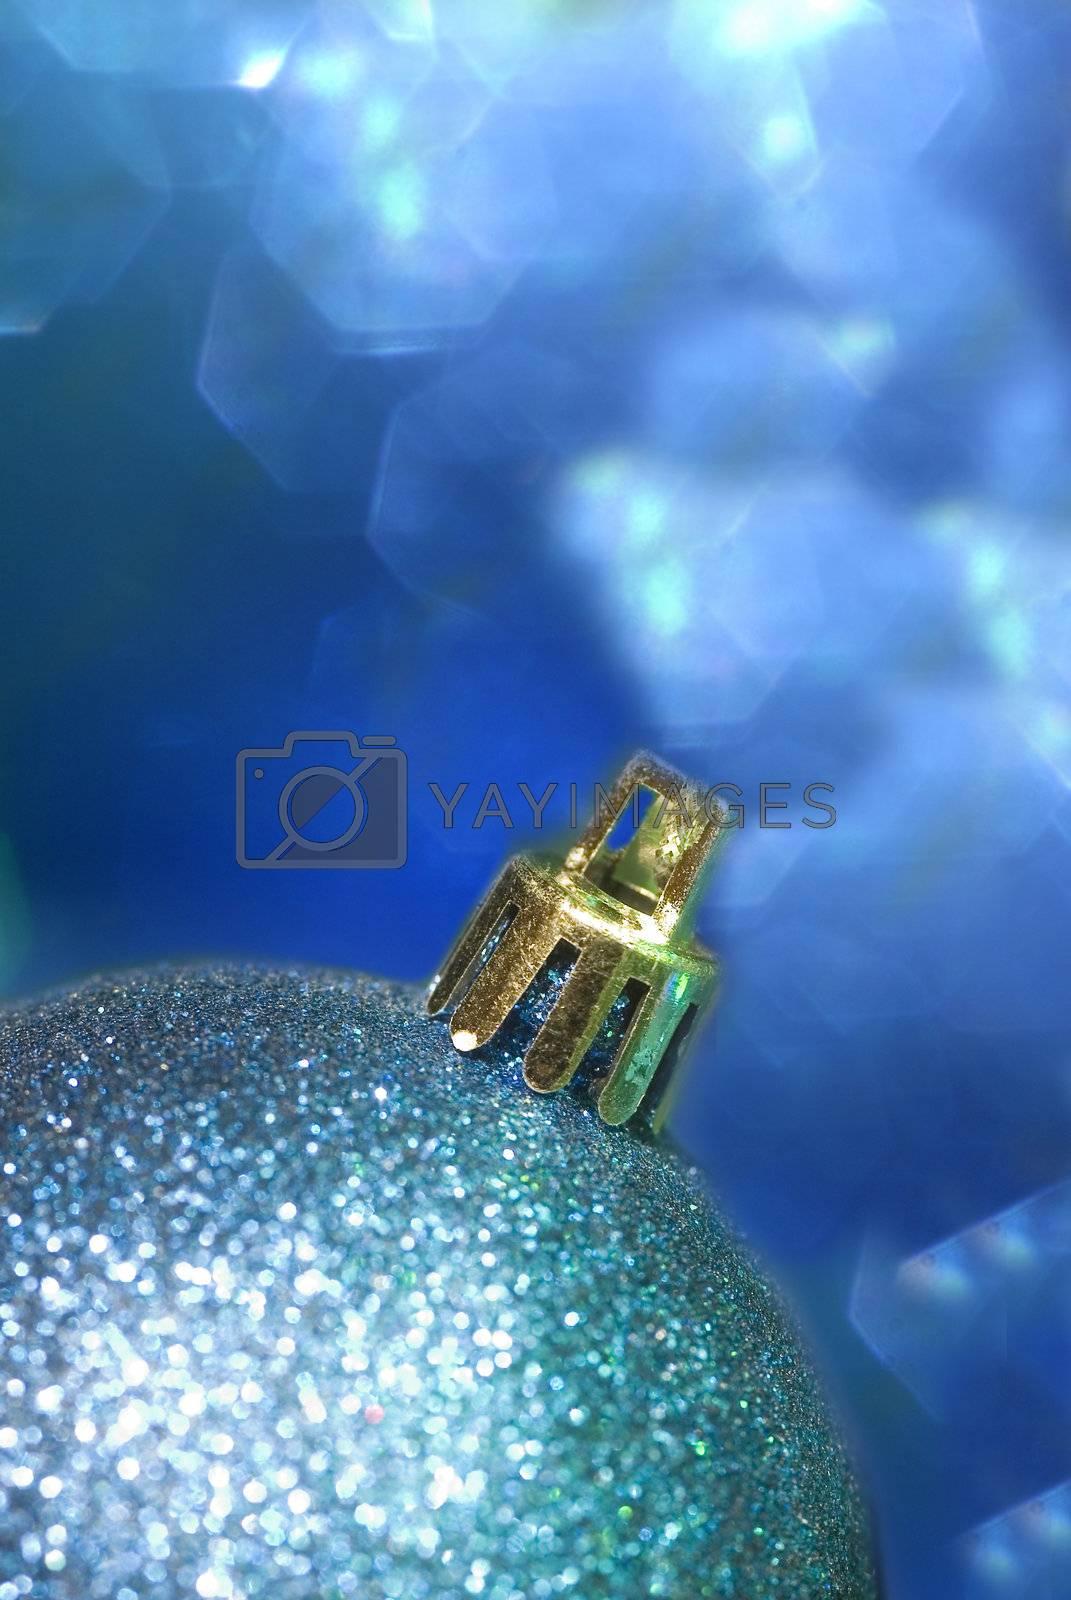 vertical blue Christmas ball in defocused